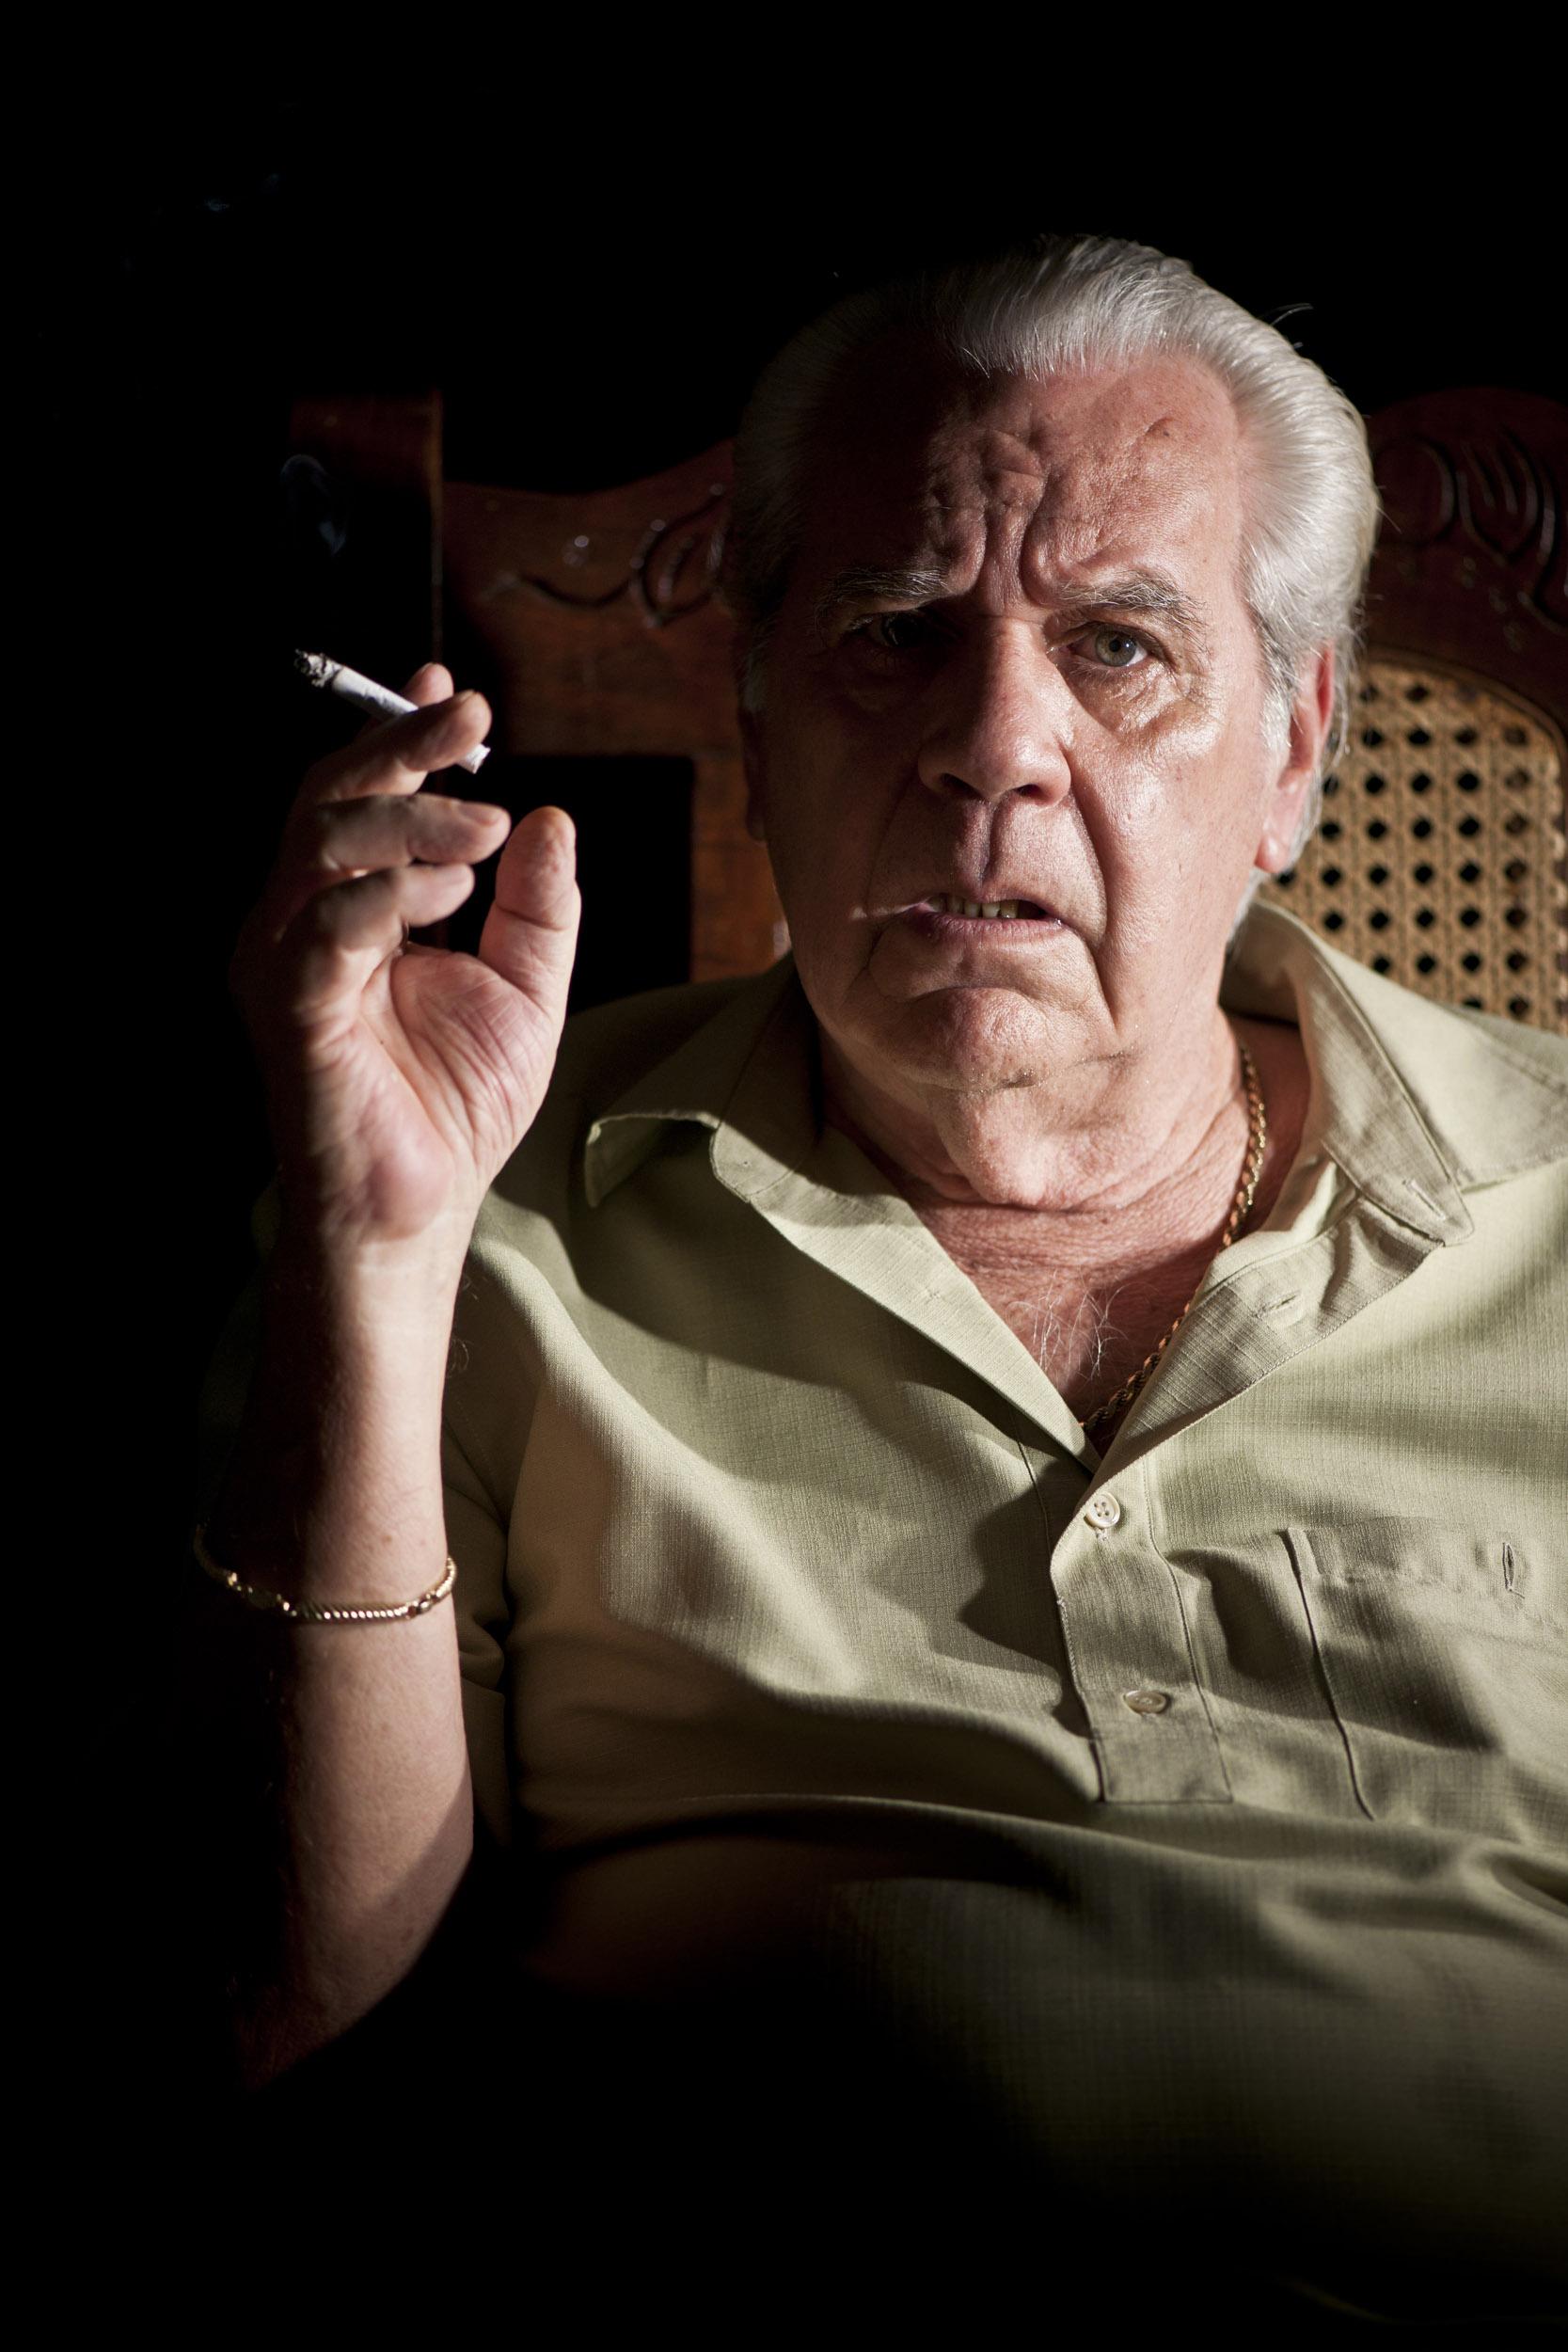 Roberto Salas (Salitas), photographer - Illuminated Cuba - Hector Garrido, Aerial and human photography